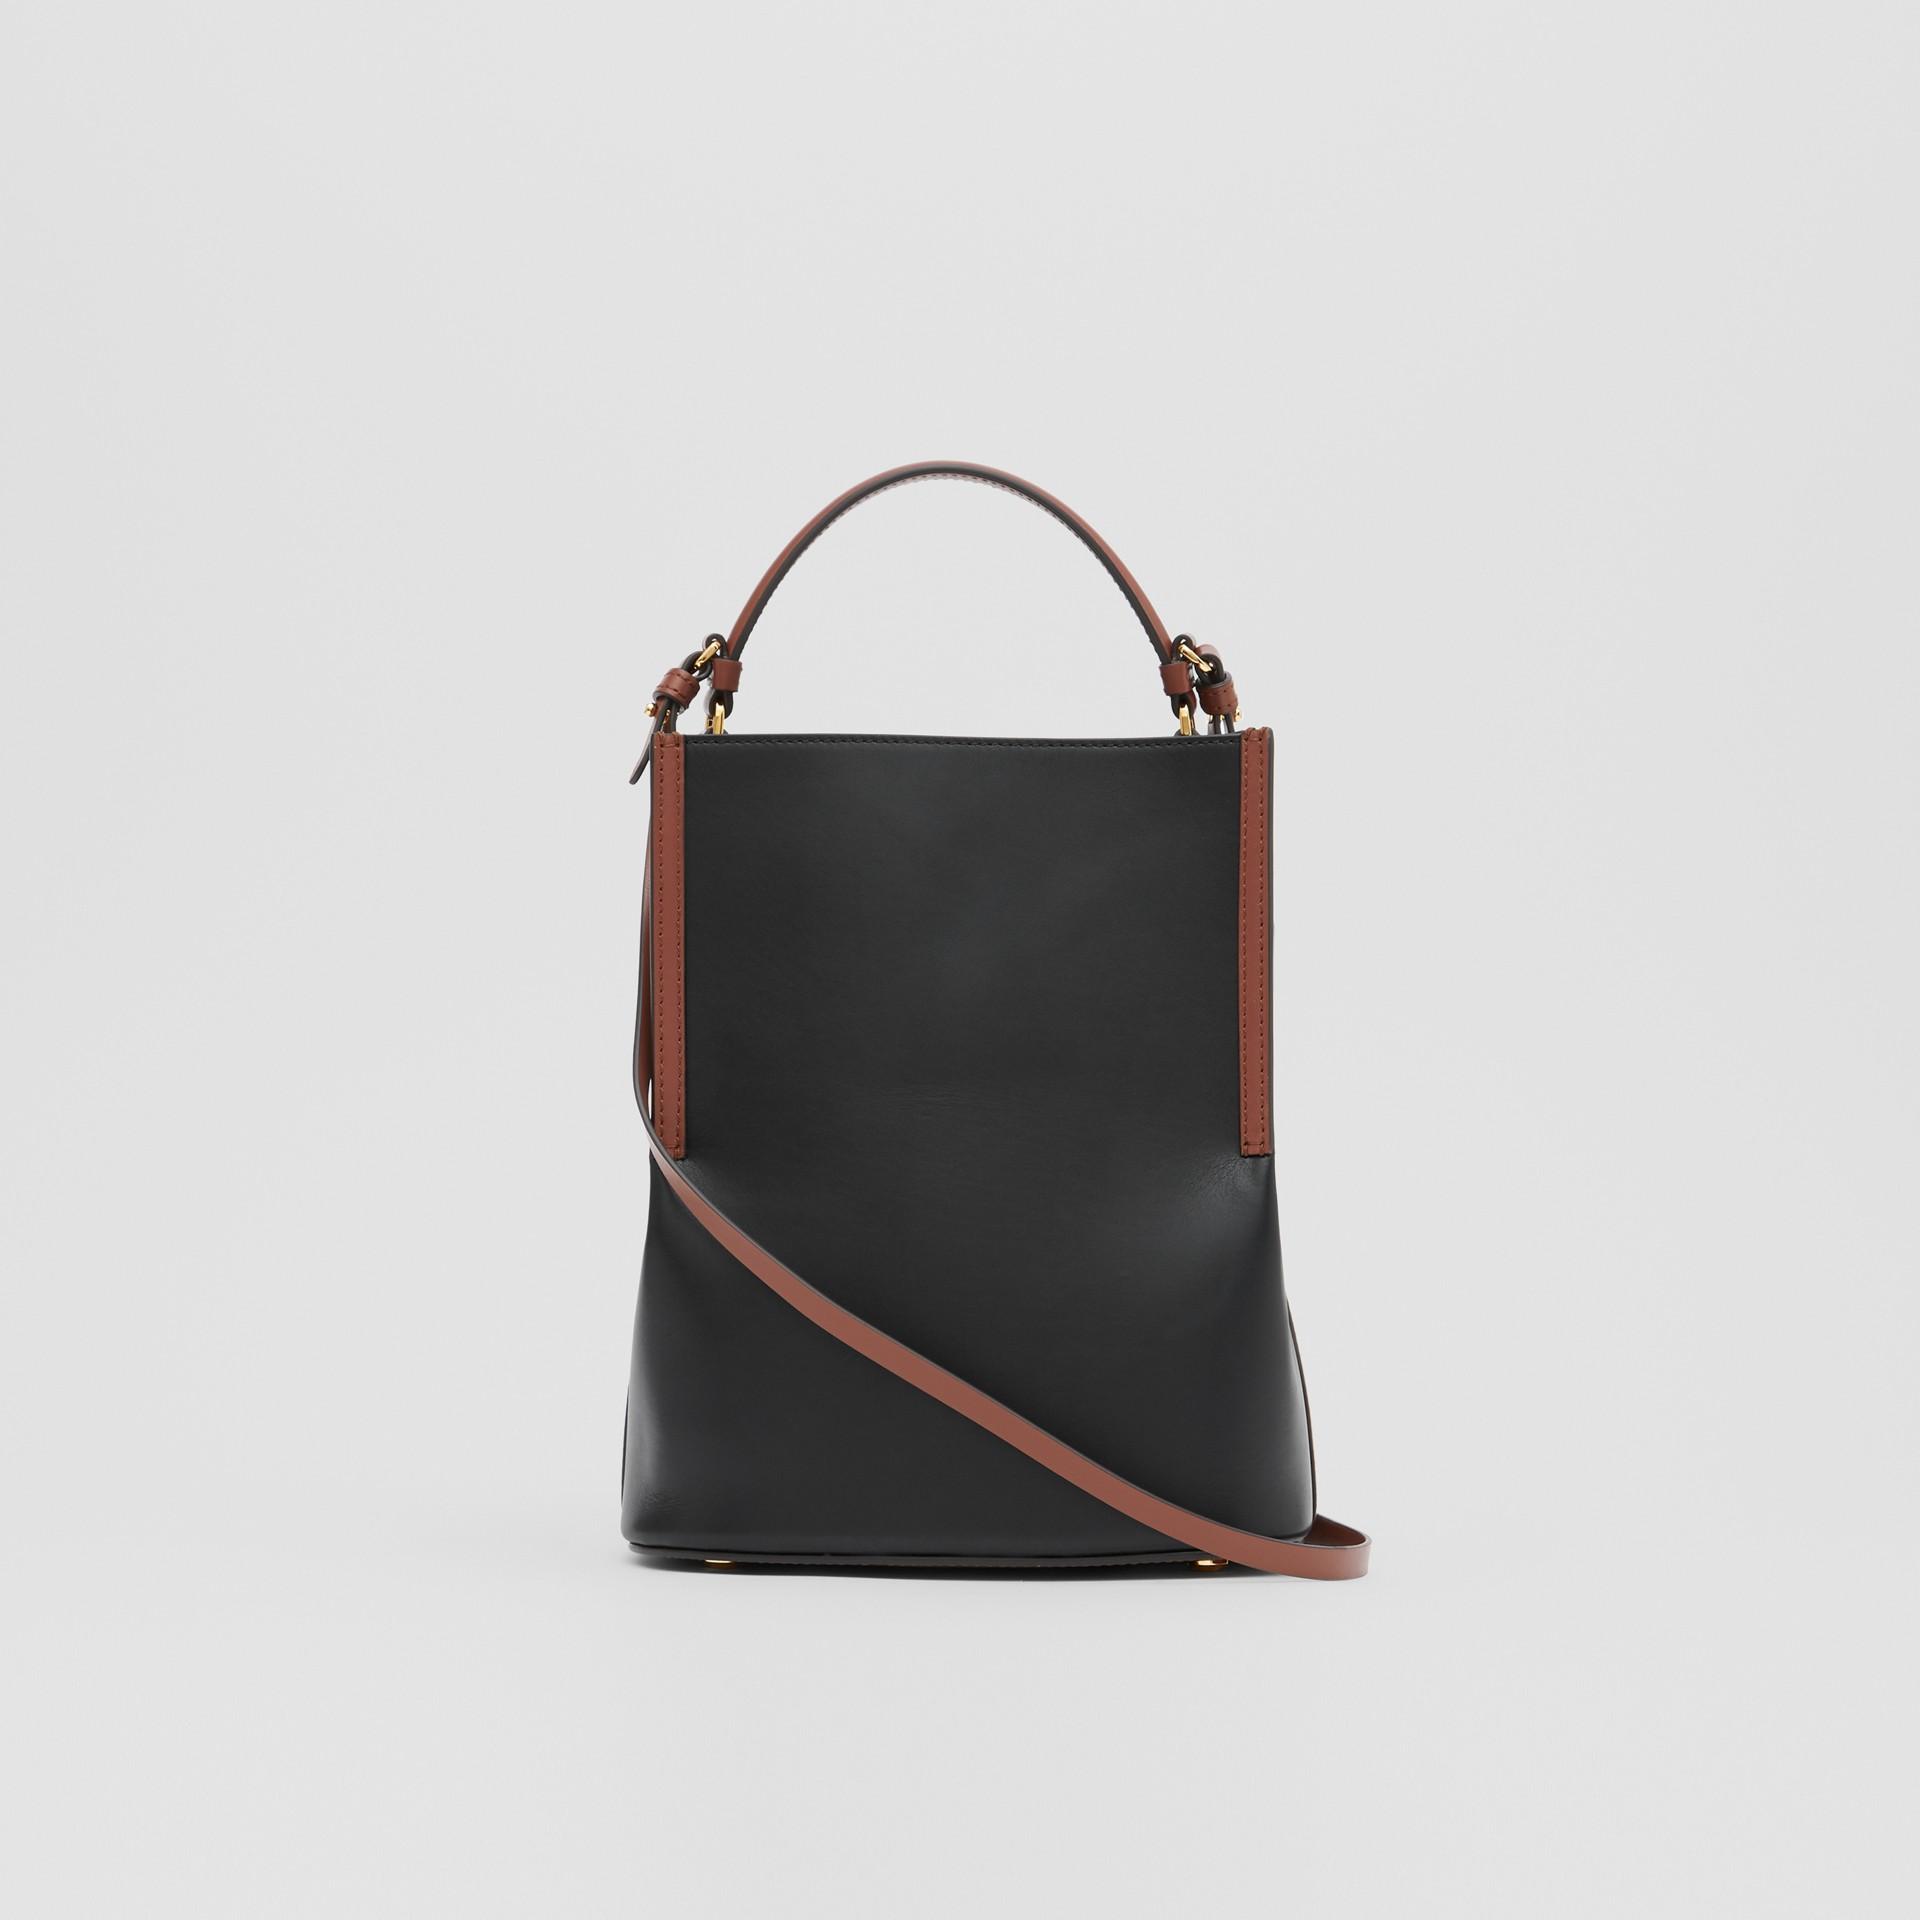 스몰 투톤 레더 페기 버킷 백 (블랙) - 여성 | Burberry - 갤러리 이미지 7